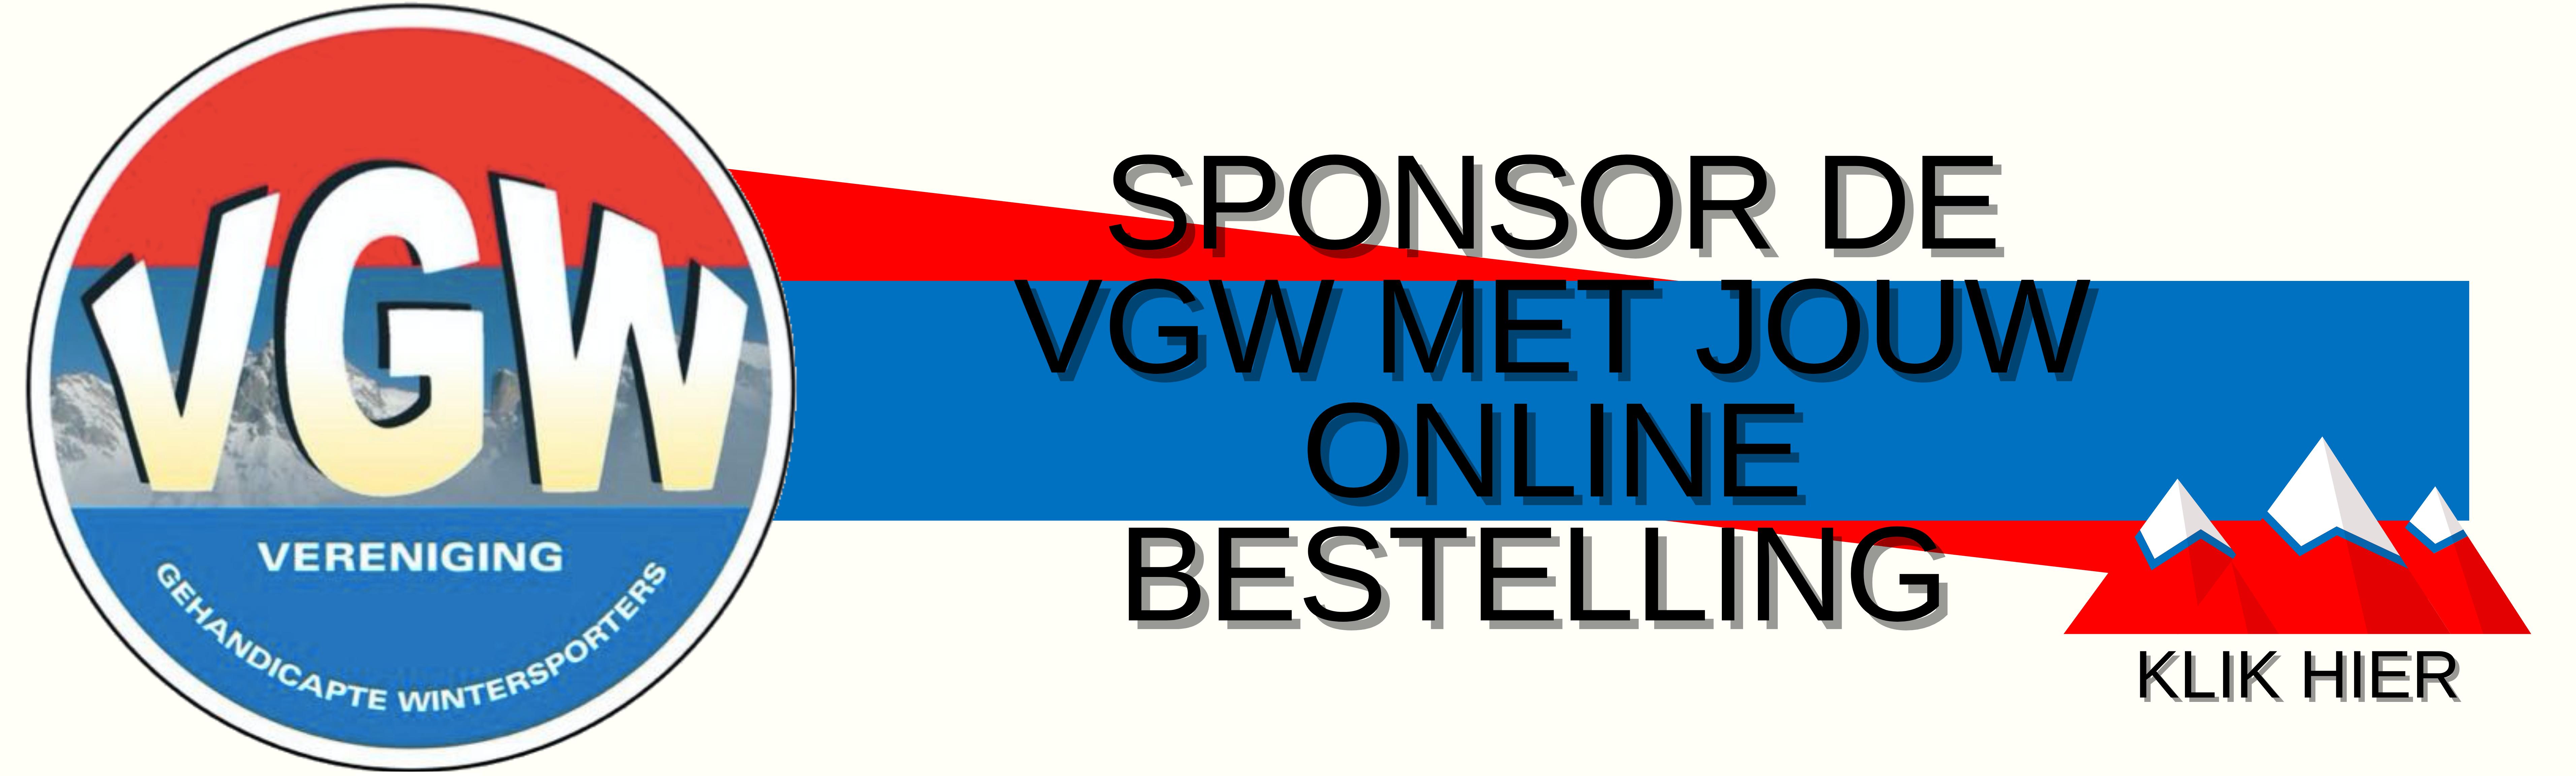 vgw-sponsorkliks2